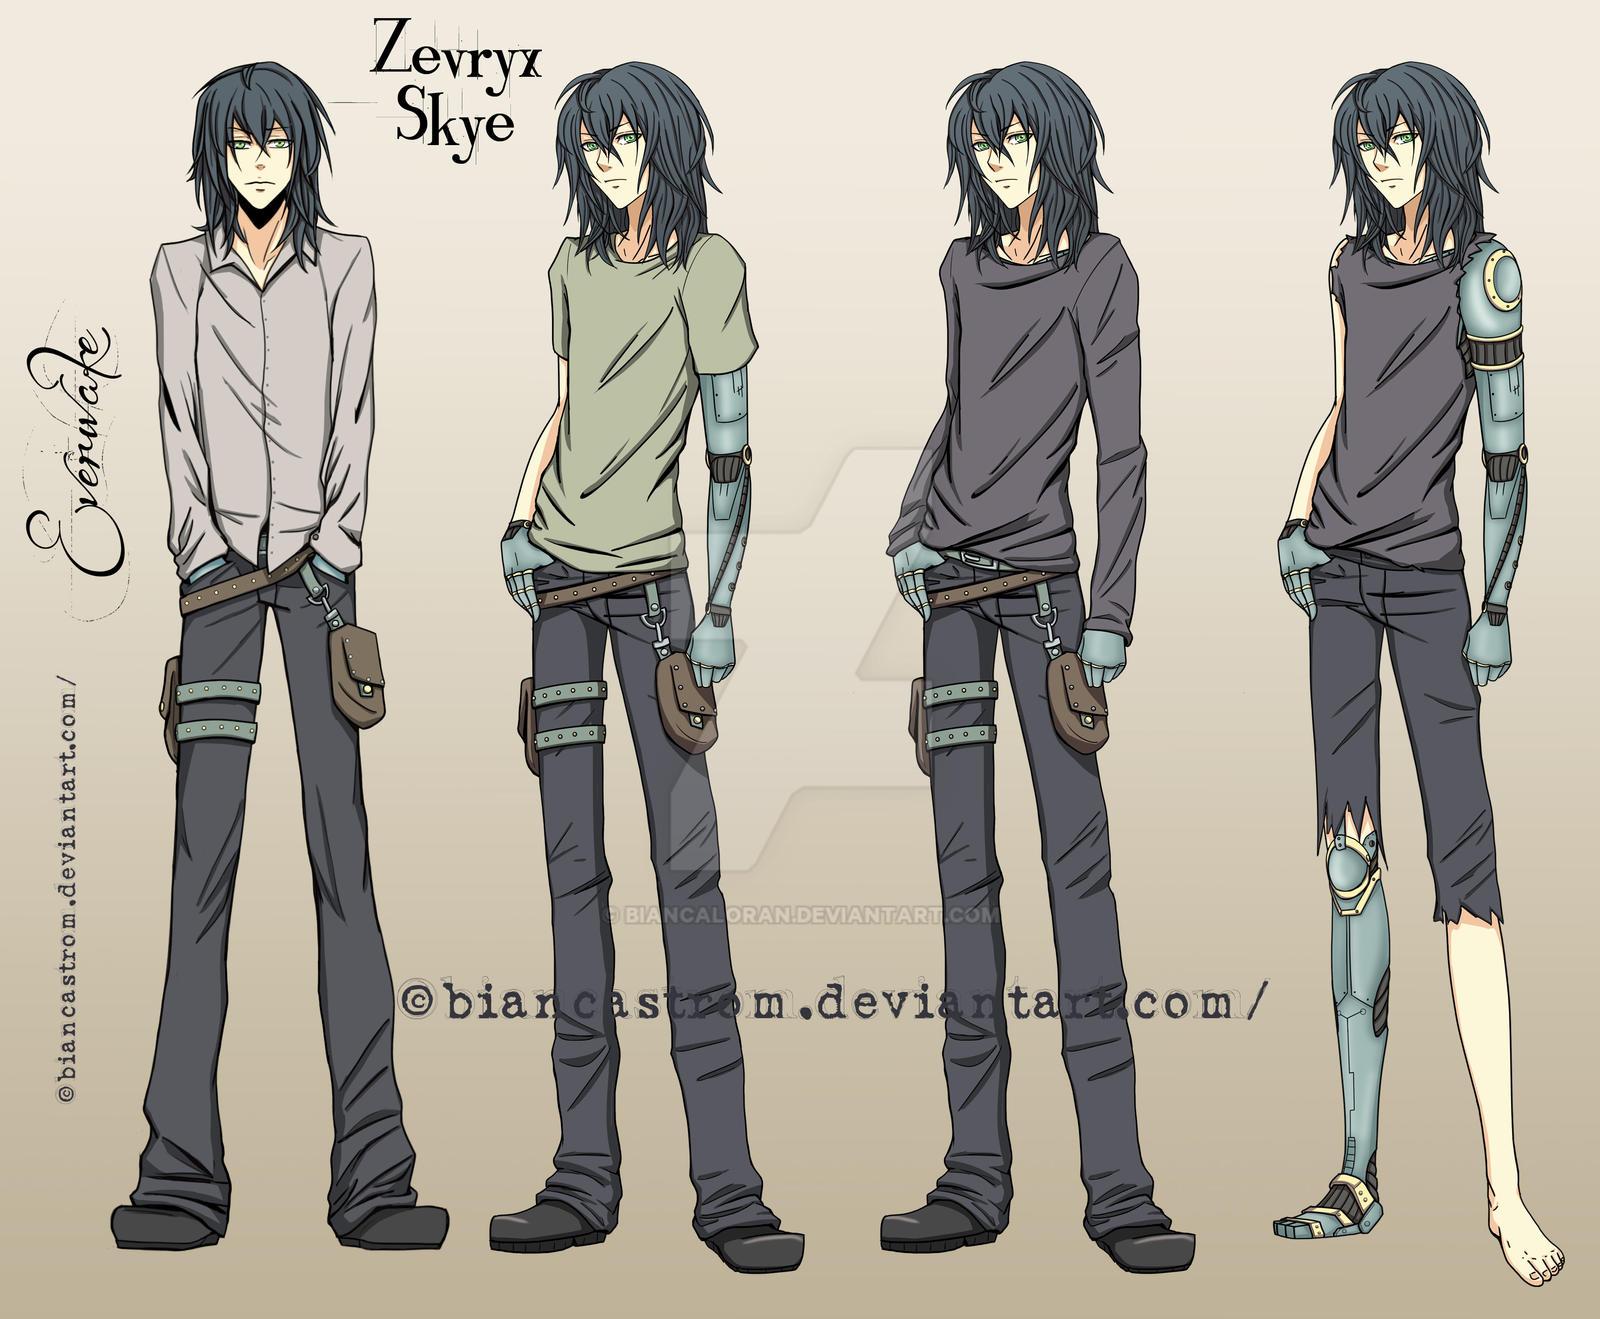 Zevryx Skye's outfits - Everwake by biancaloran